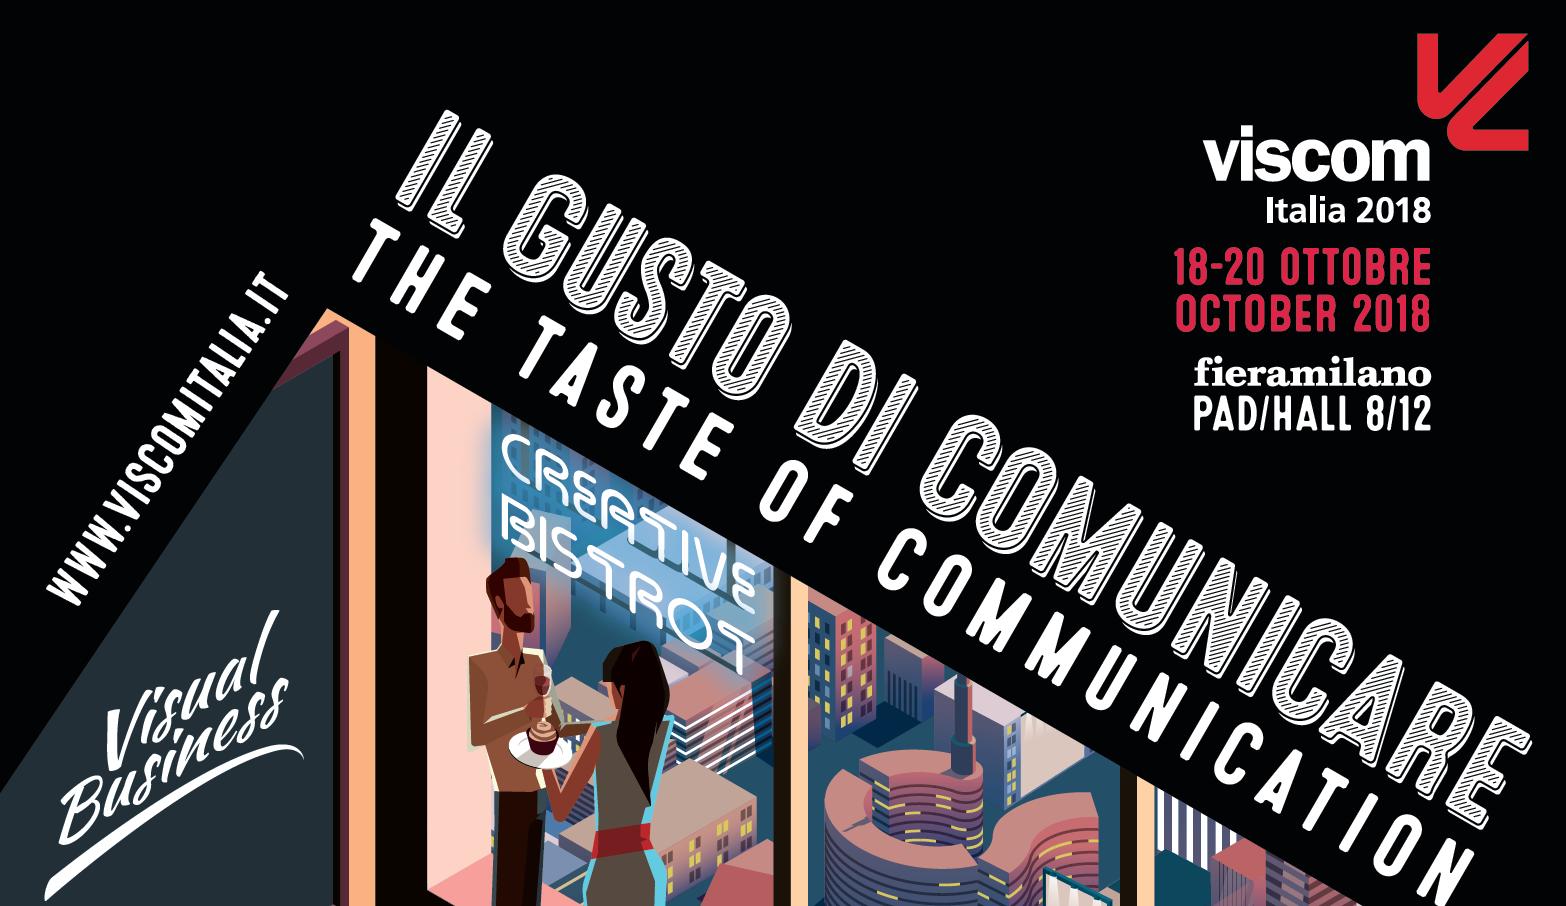 Viscom Italia 2018 il gusto di comunicare